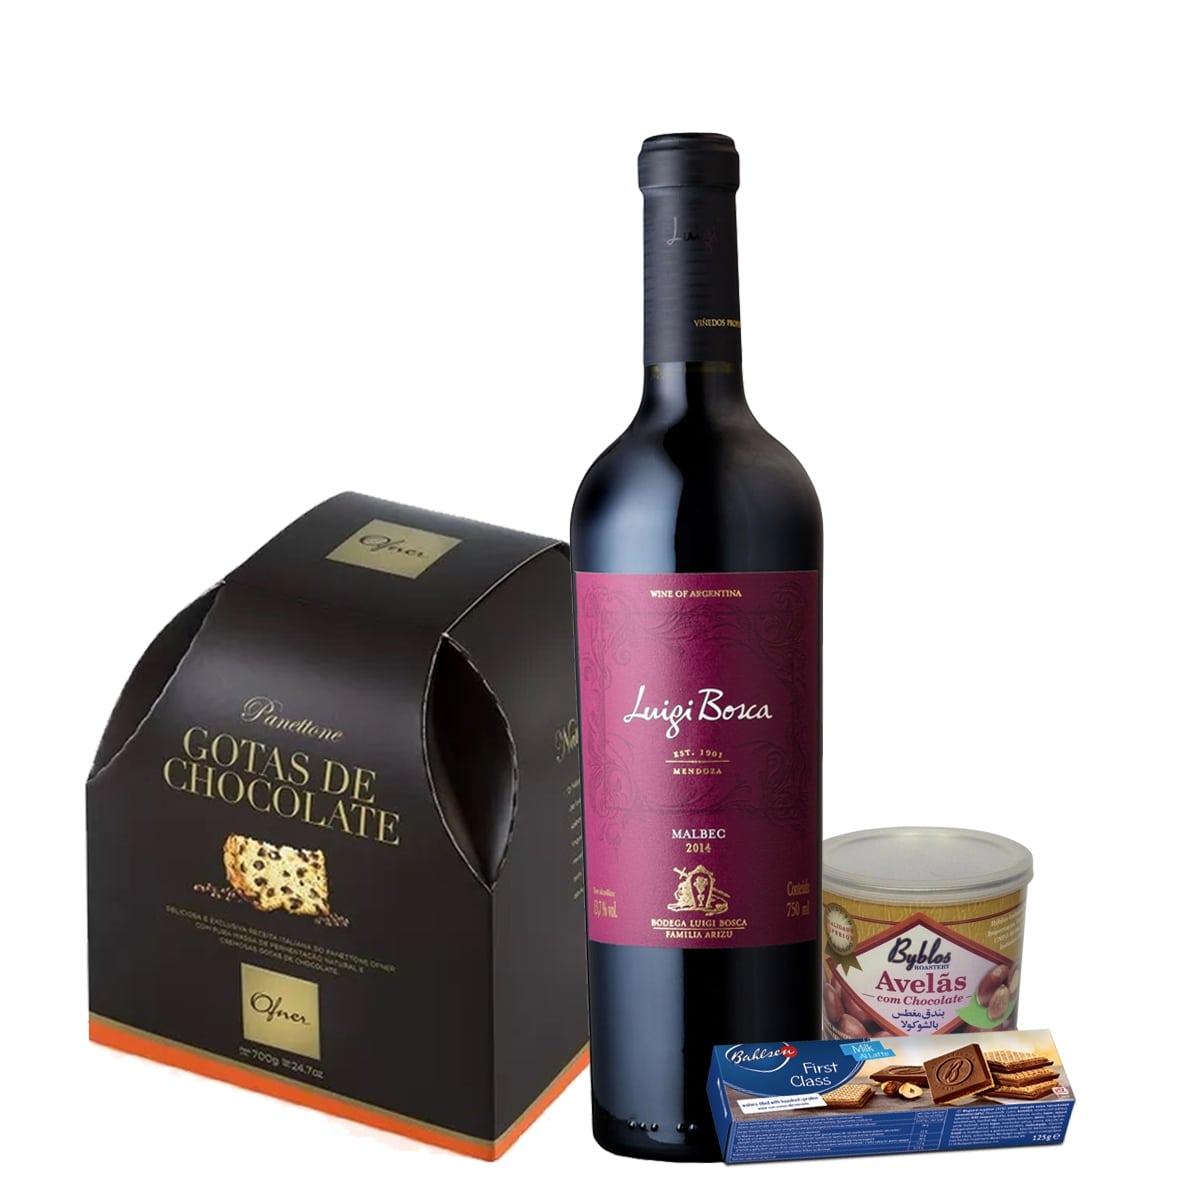 Kit de Natal - Luigi Bosca Malbec, Panettone Ofner Gota de Chocolate,Biscoito Bahlsen, e Avelã